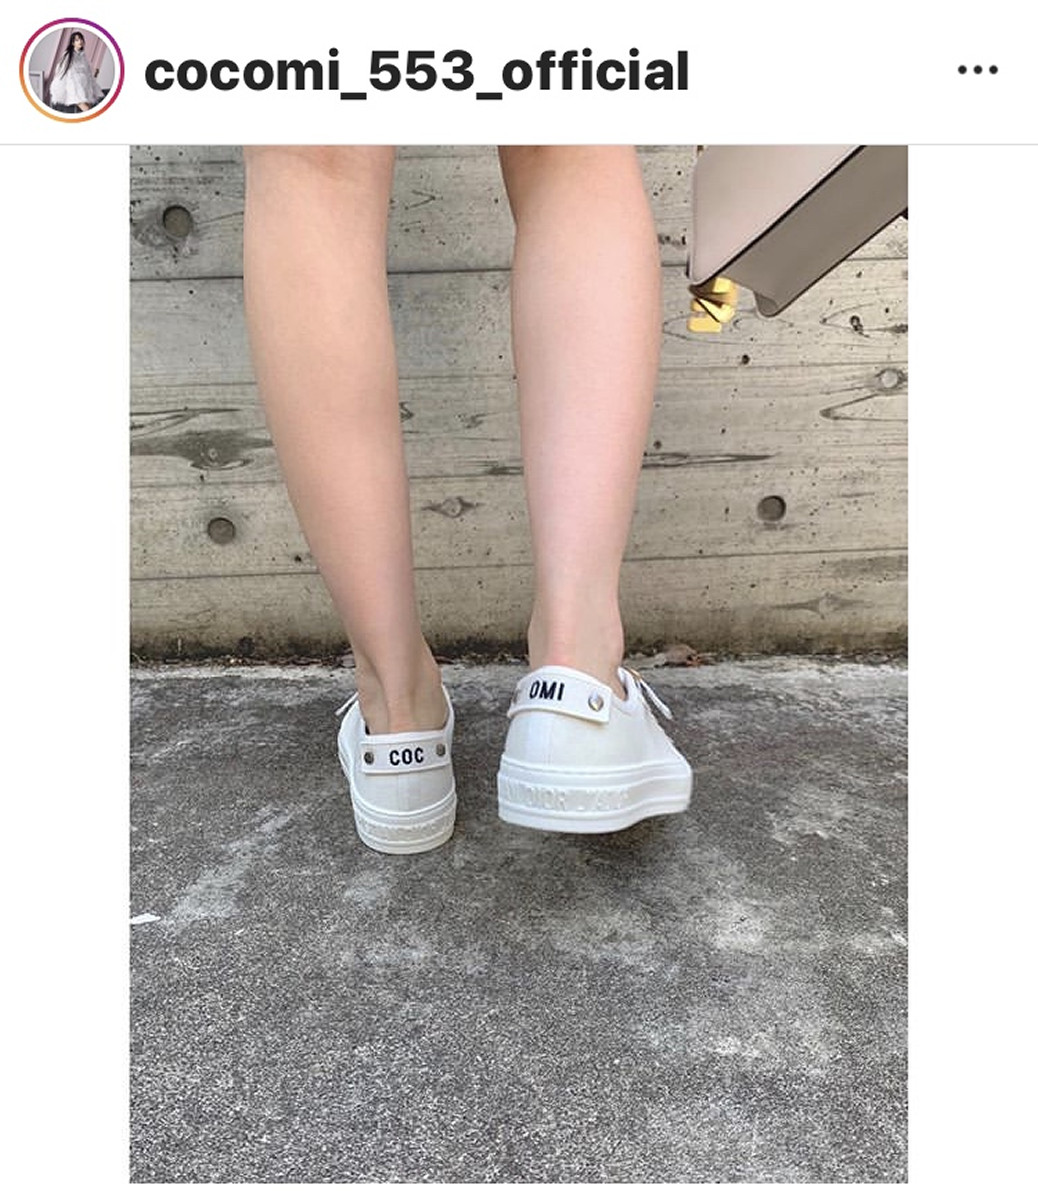 左足に「COC」、右足に「OMI」と刺しゅうされたスニーカー=Cocomiのインスタグラム(@cocomi_553_official)より=